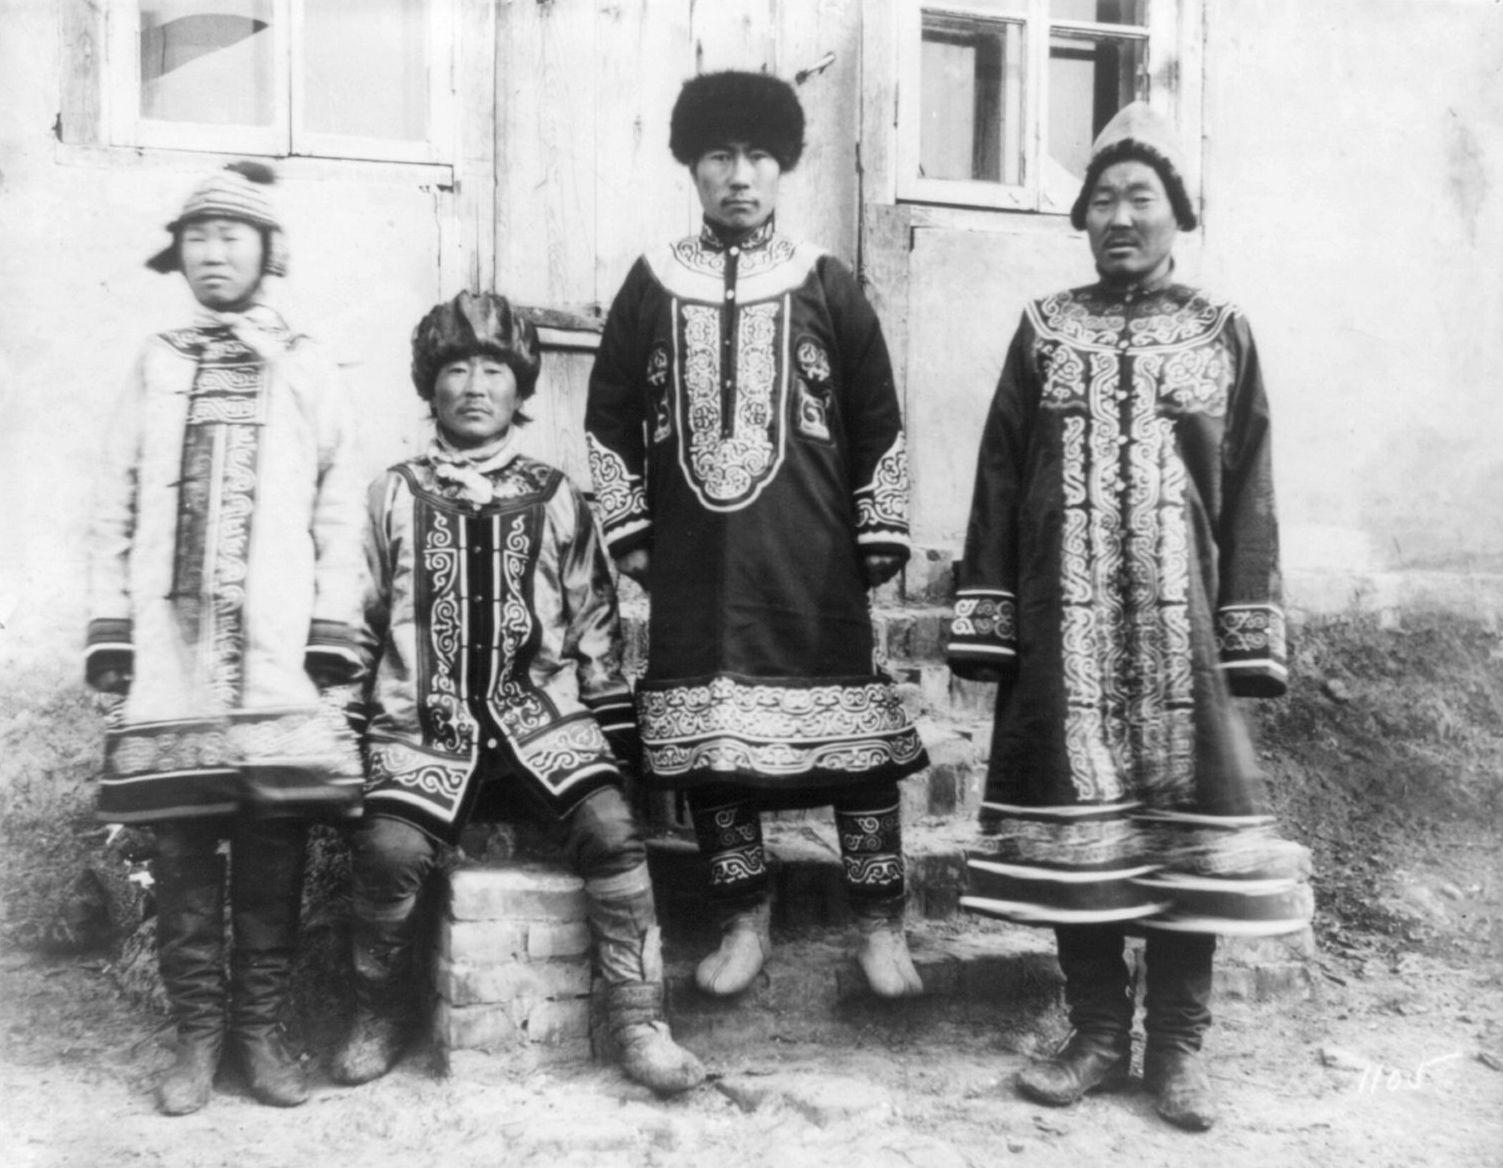 В деревне гольдов к северу от Хабаровска. Деревенское начальство в своих лучших одеждах